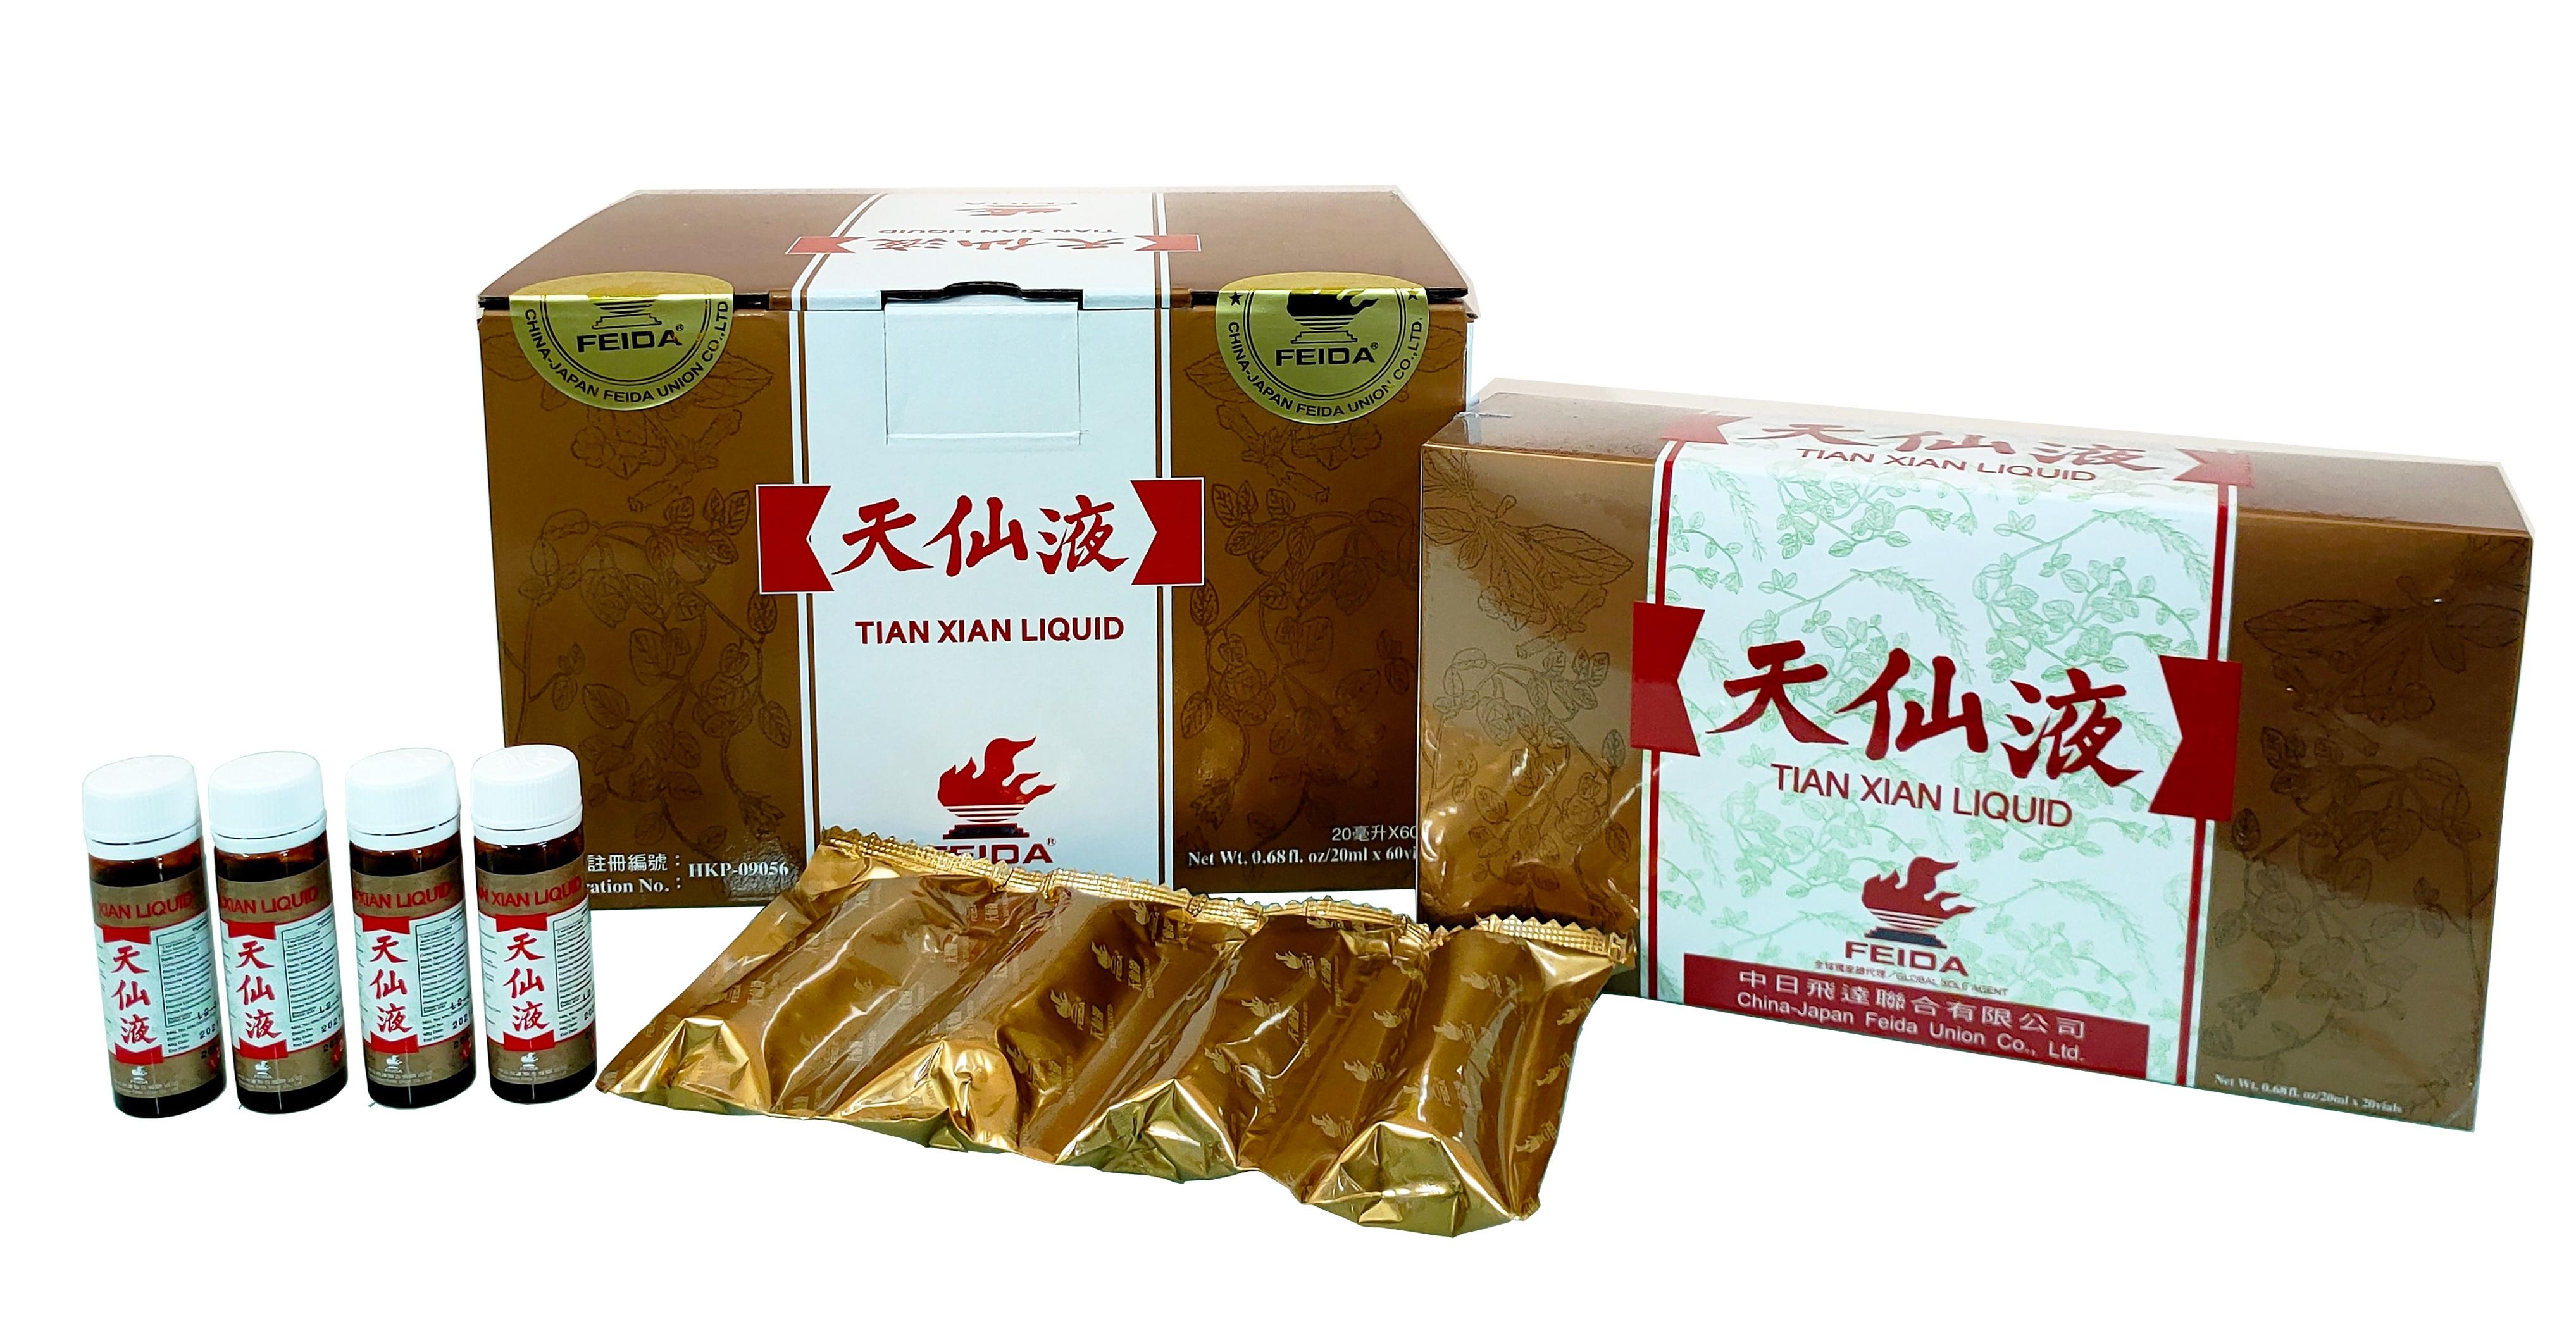 Notice: Tian Xian Liquid - Golden Packaging